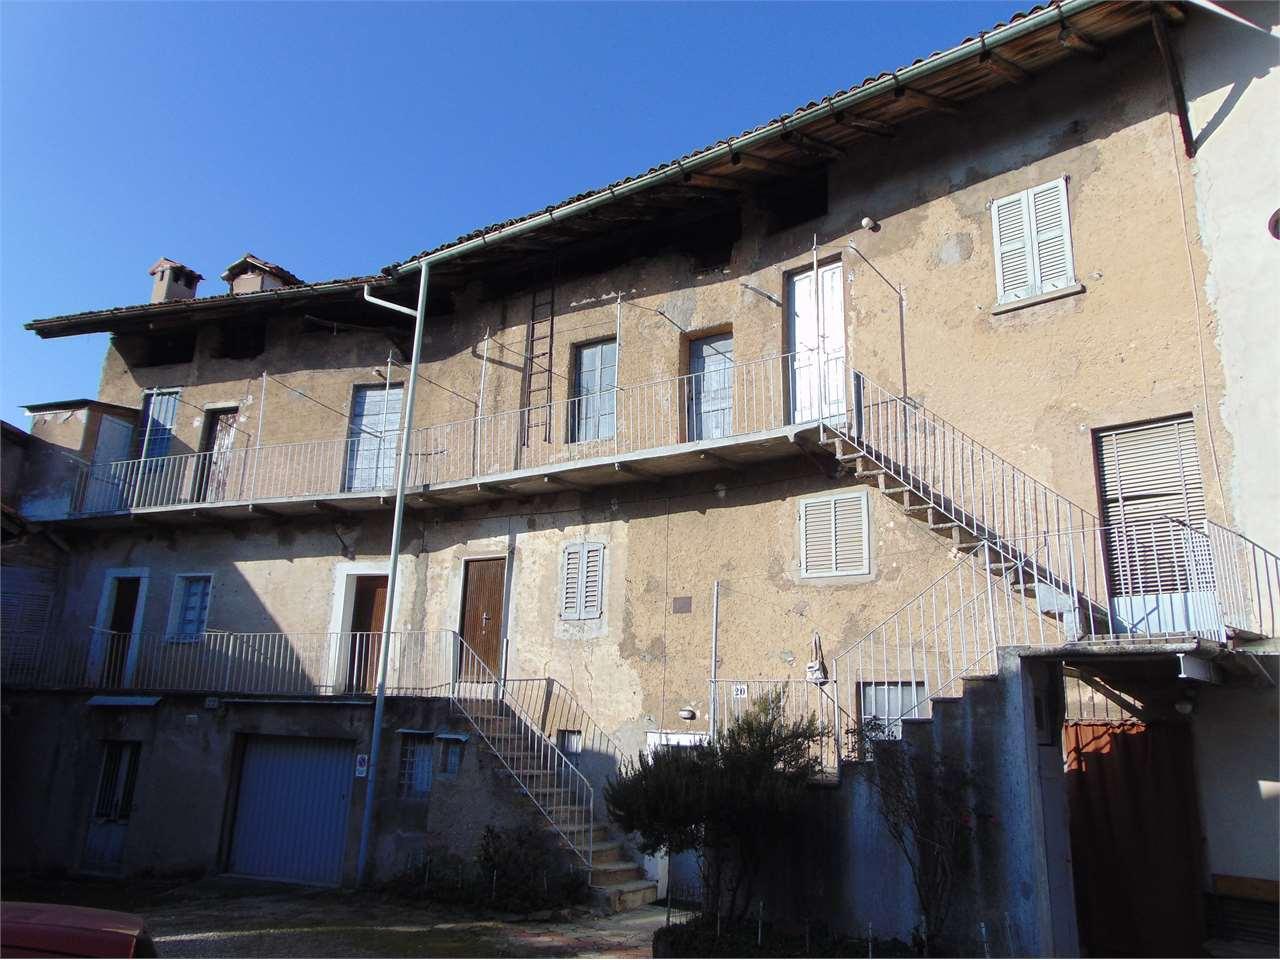 Rustico / Casale in vendita a Varese, 9999 locali, zona Zona: Giubiano, prezzo € 270.000 | CambioCasa.it